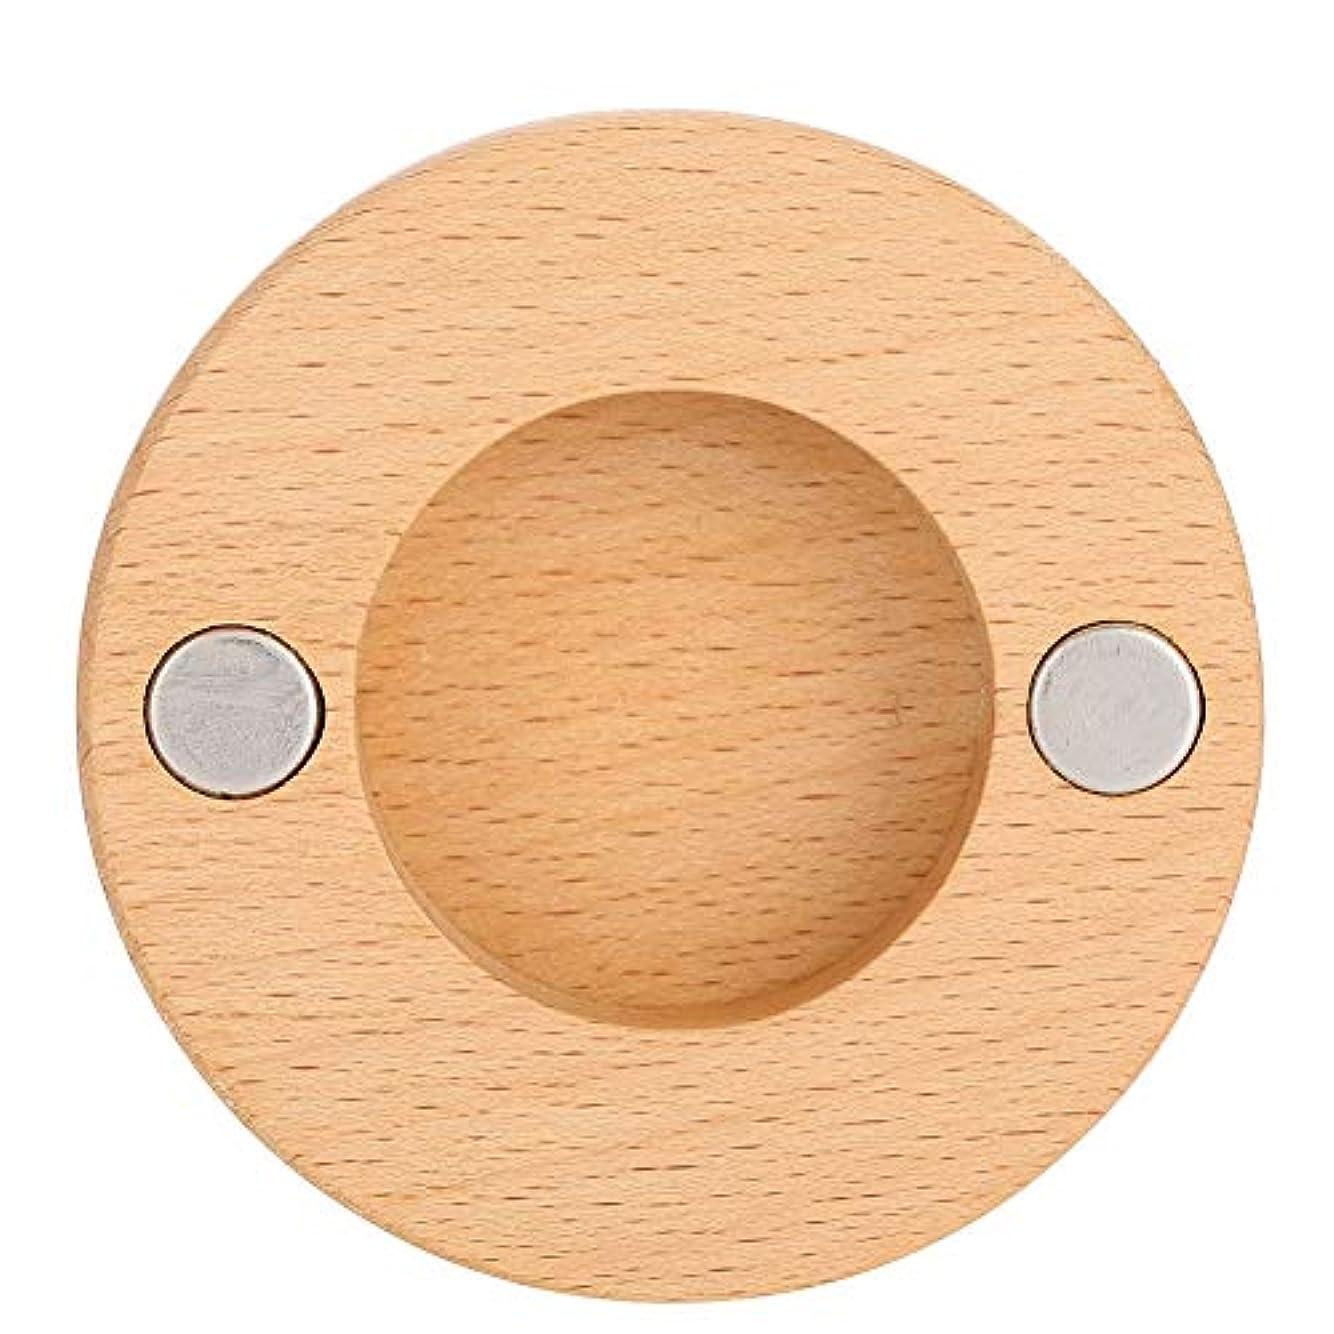 重要分布ギャンブルヘアドライヤーノズルブラケット、ネジと接着剤が付いているブナの木の壁の台紙のホールダーは用具を浴室をきれいに保ちます、ドライヤーのダイソンのための付属品の付属品